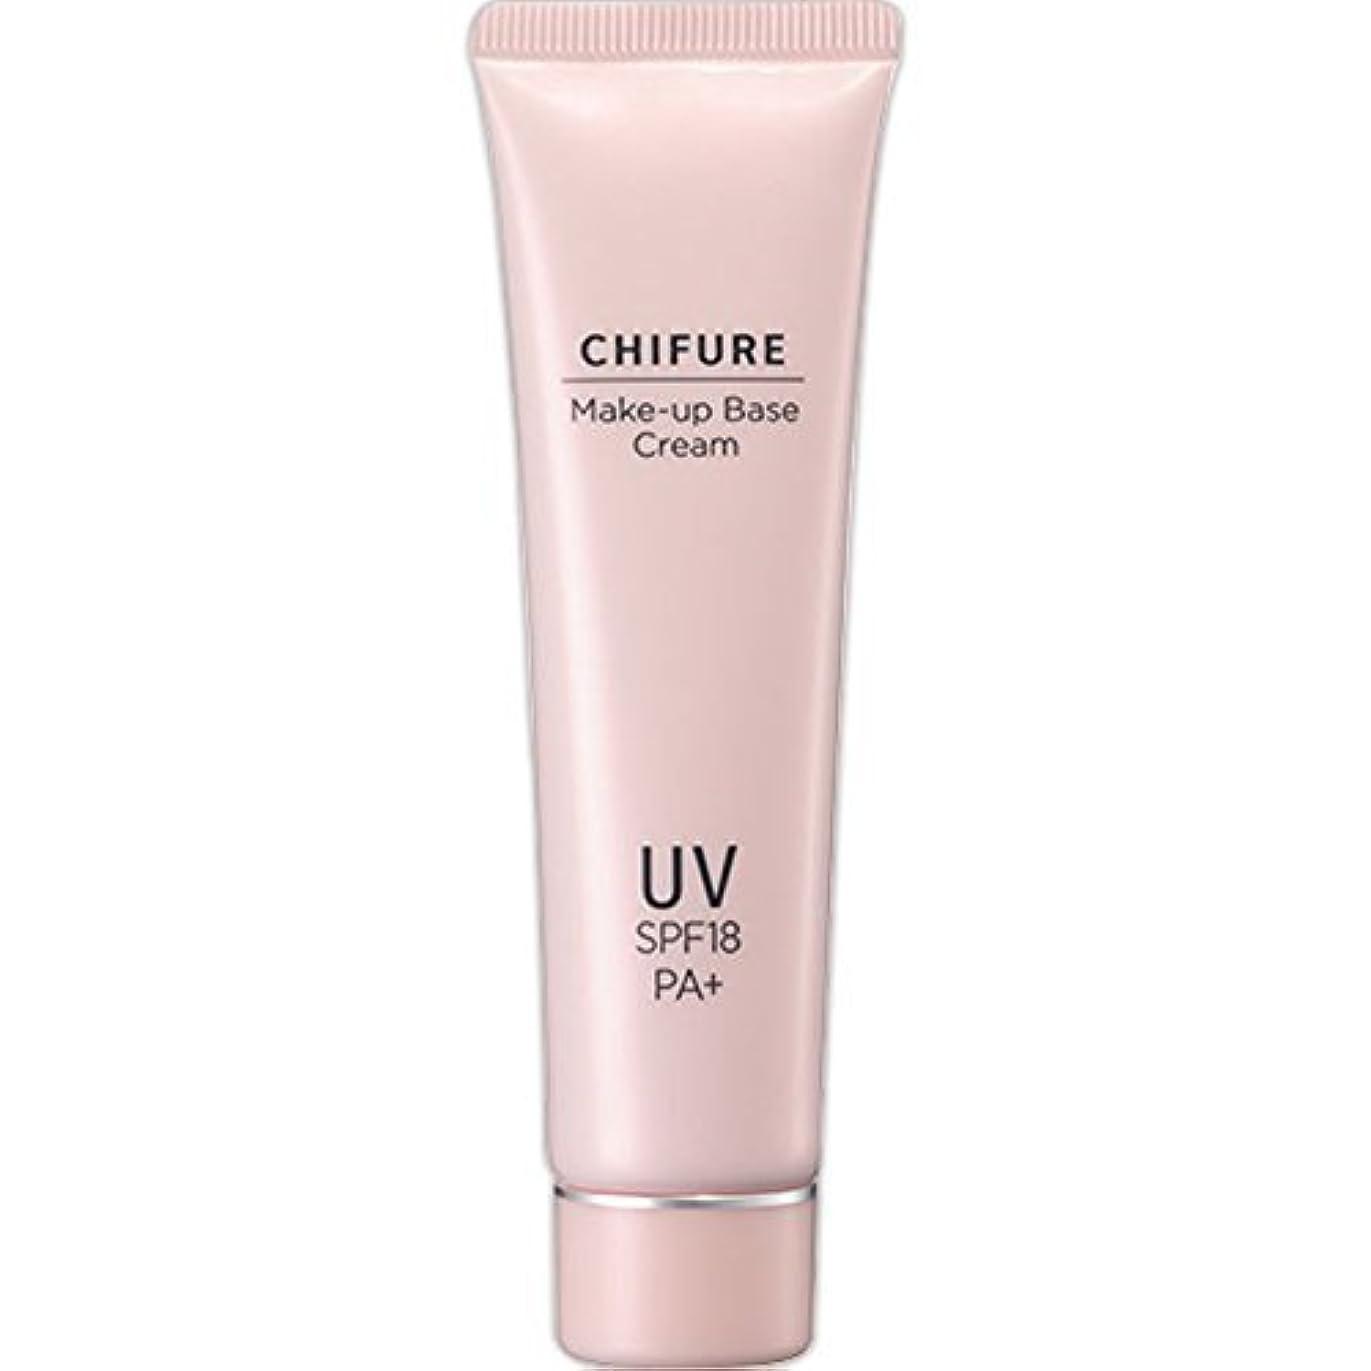 砂技術者実用的ちふれ化粧品 メーキャップ ベース クリーム UV MベースクリームUV